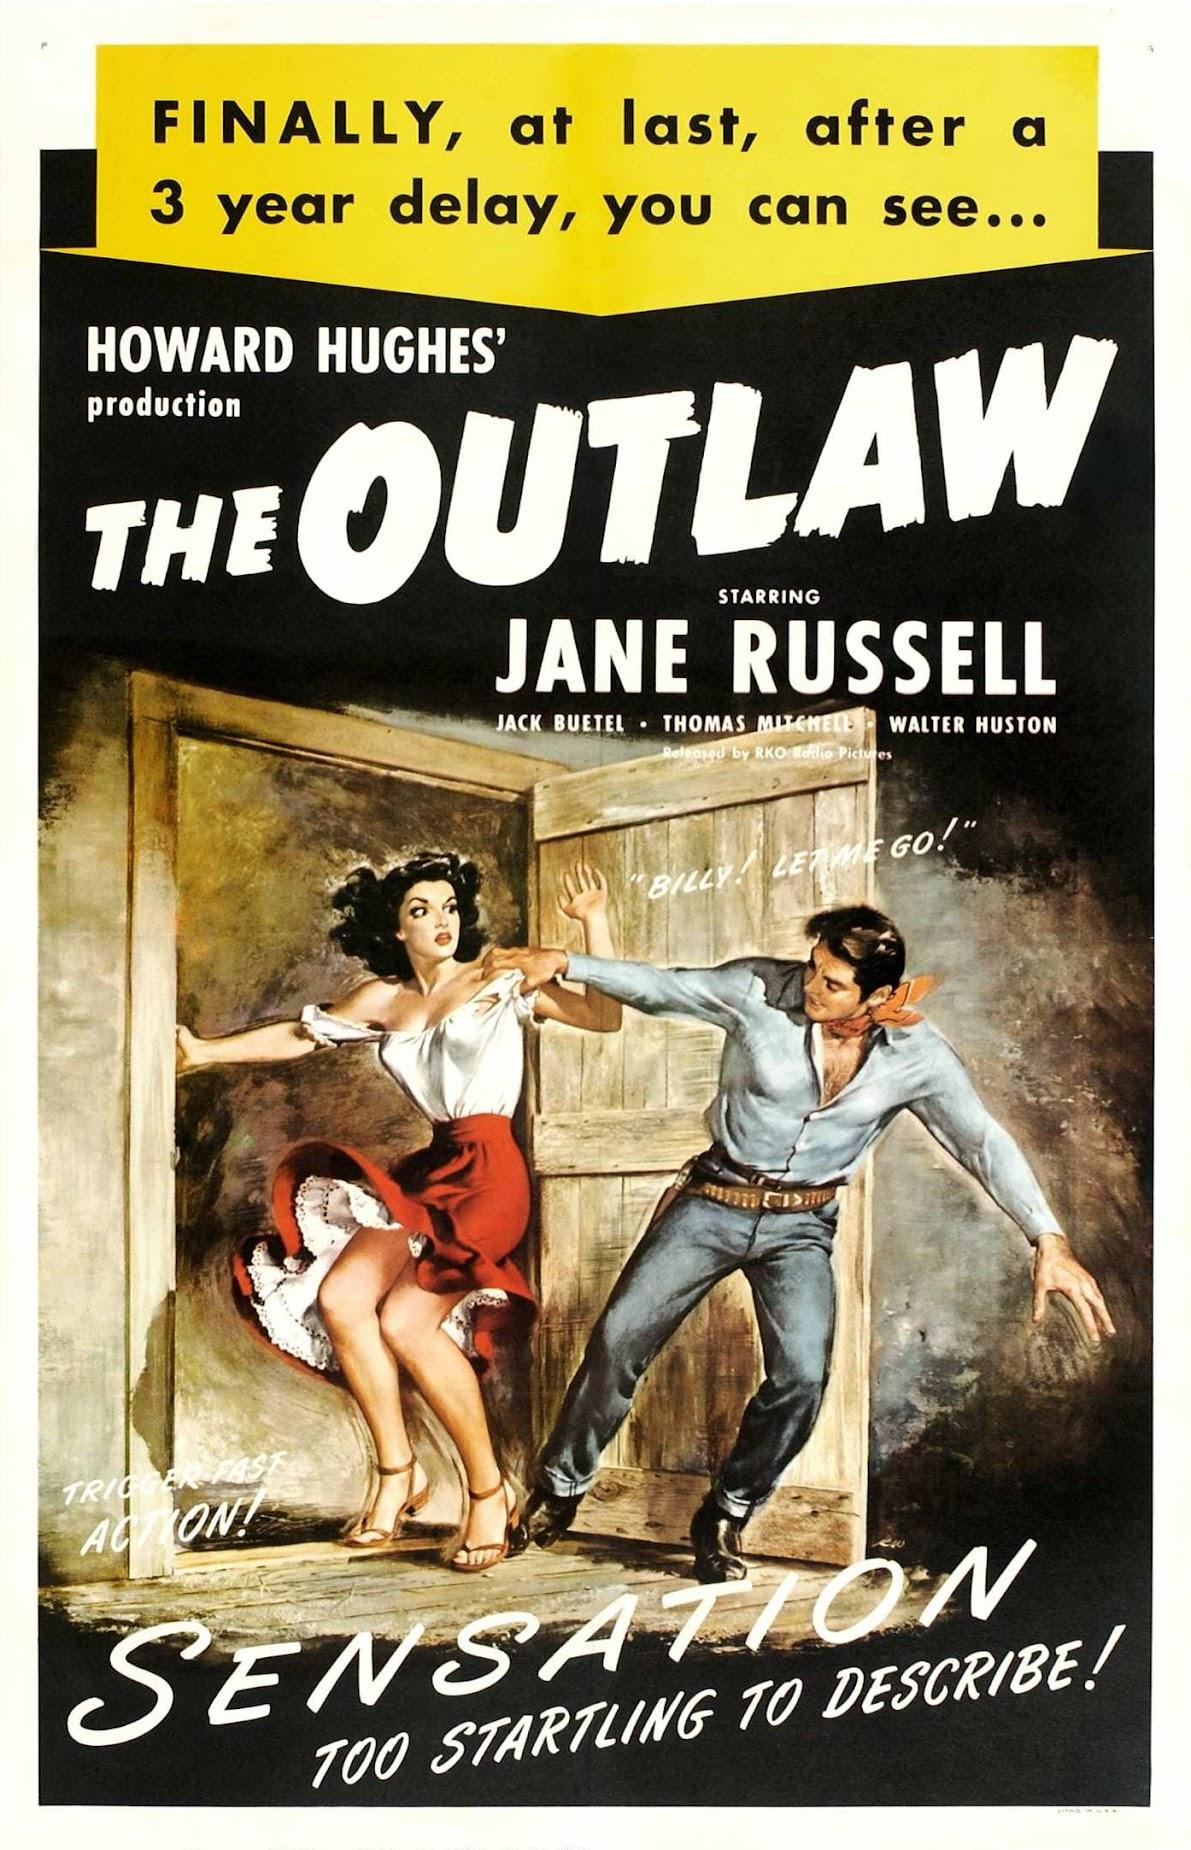 http://1.bp.blogspot.com/-XfnYTG-wS5w/TkoGdjKsnKI/AAAAAAAAEuc/nbVraJ2qAwY/s1850/The+Outlaw+-+1sht+4.jpg